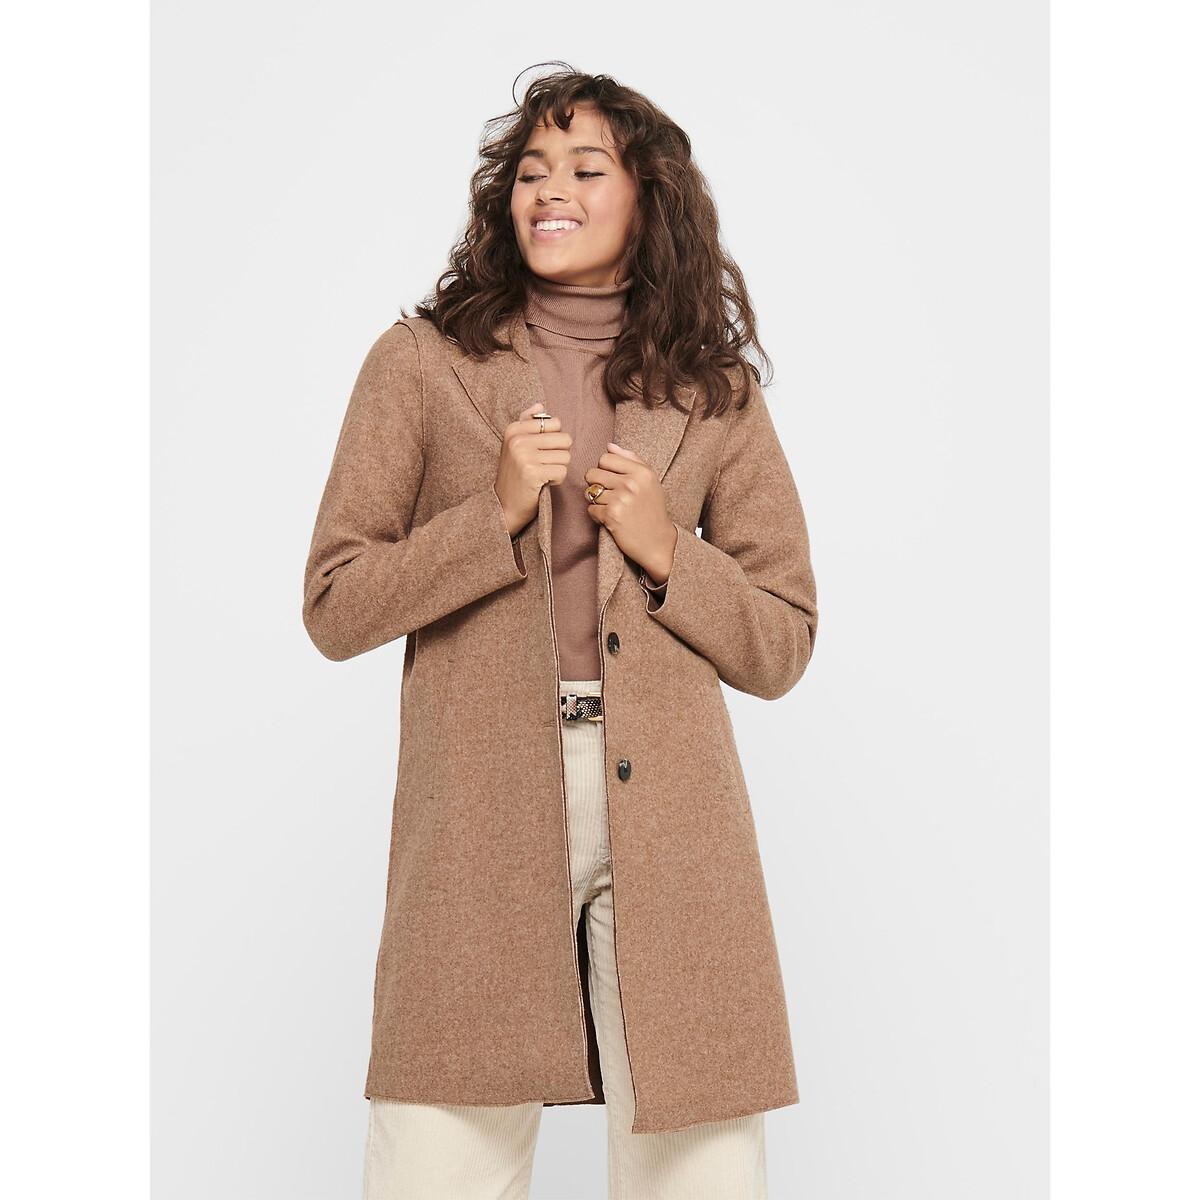 Пальто LaRedoute Средней длины на пуговицах S каштановый